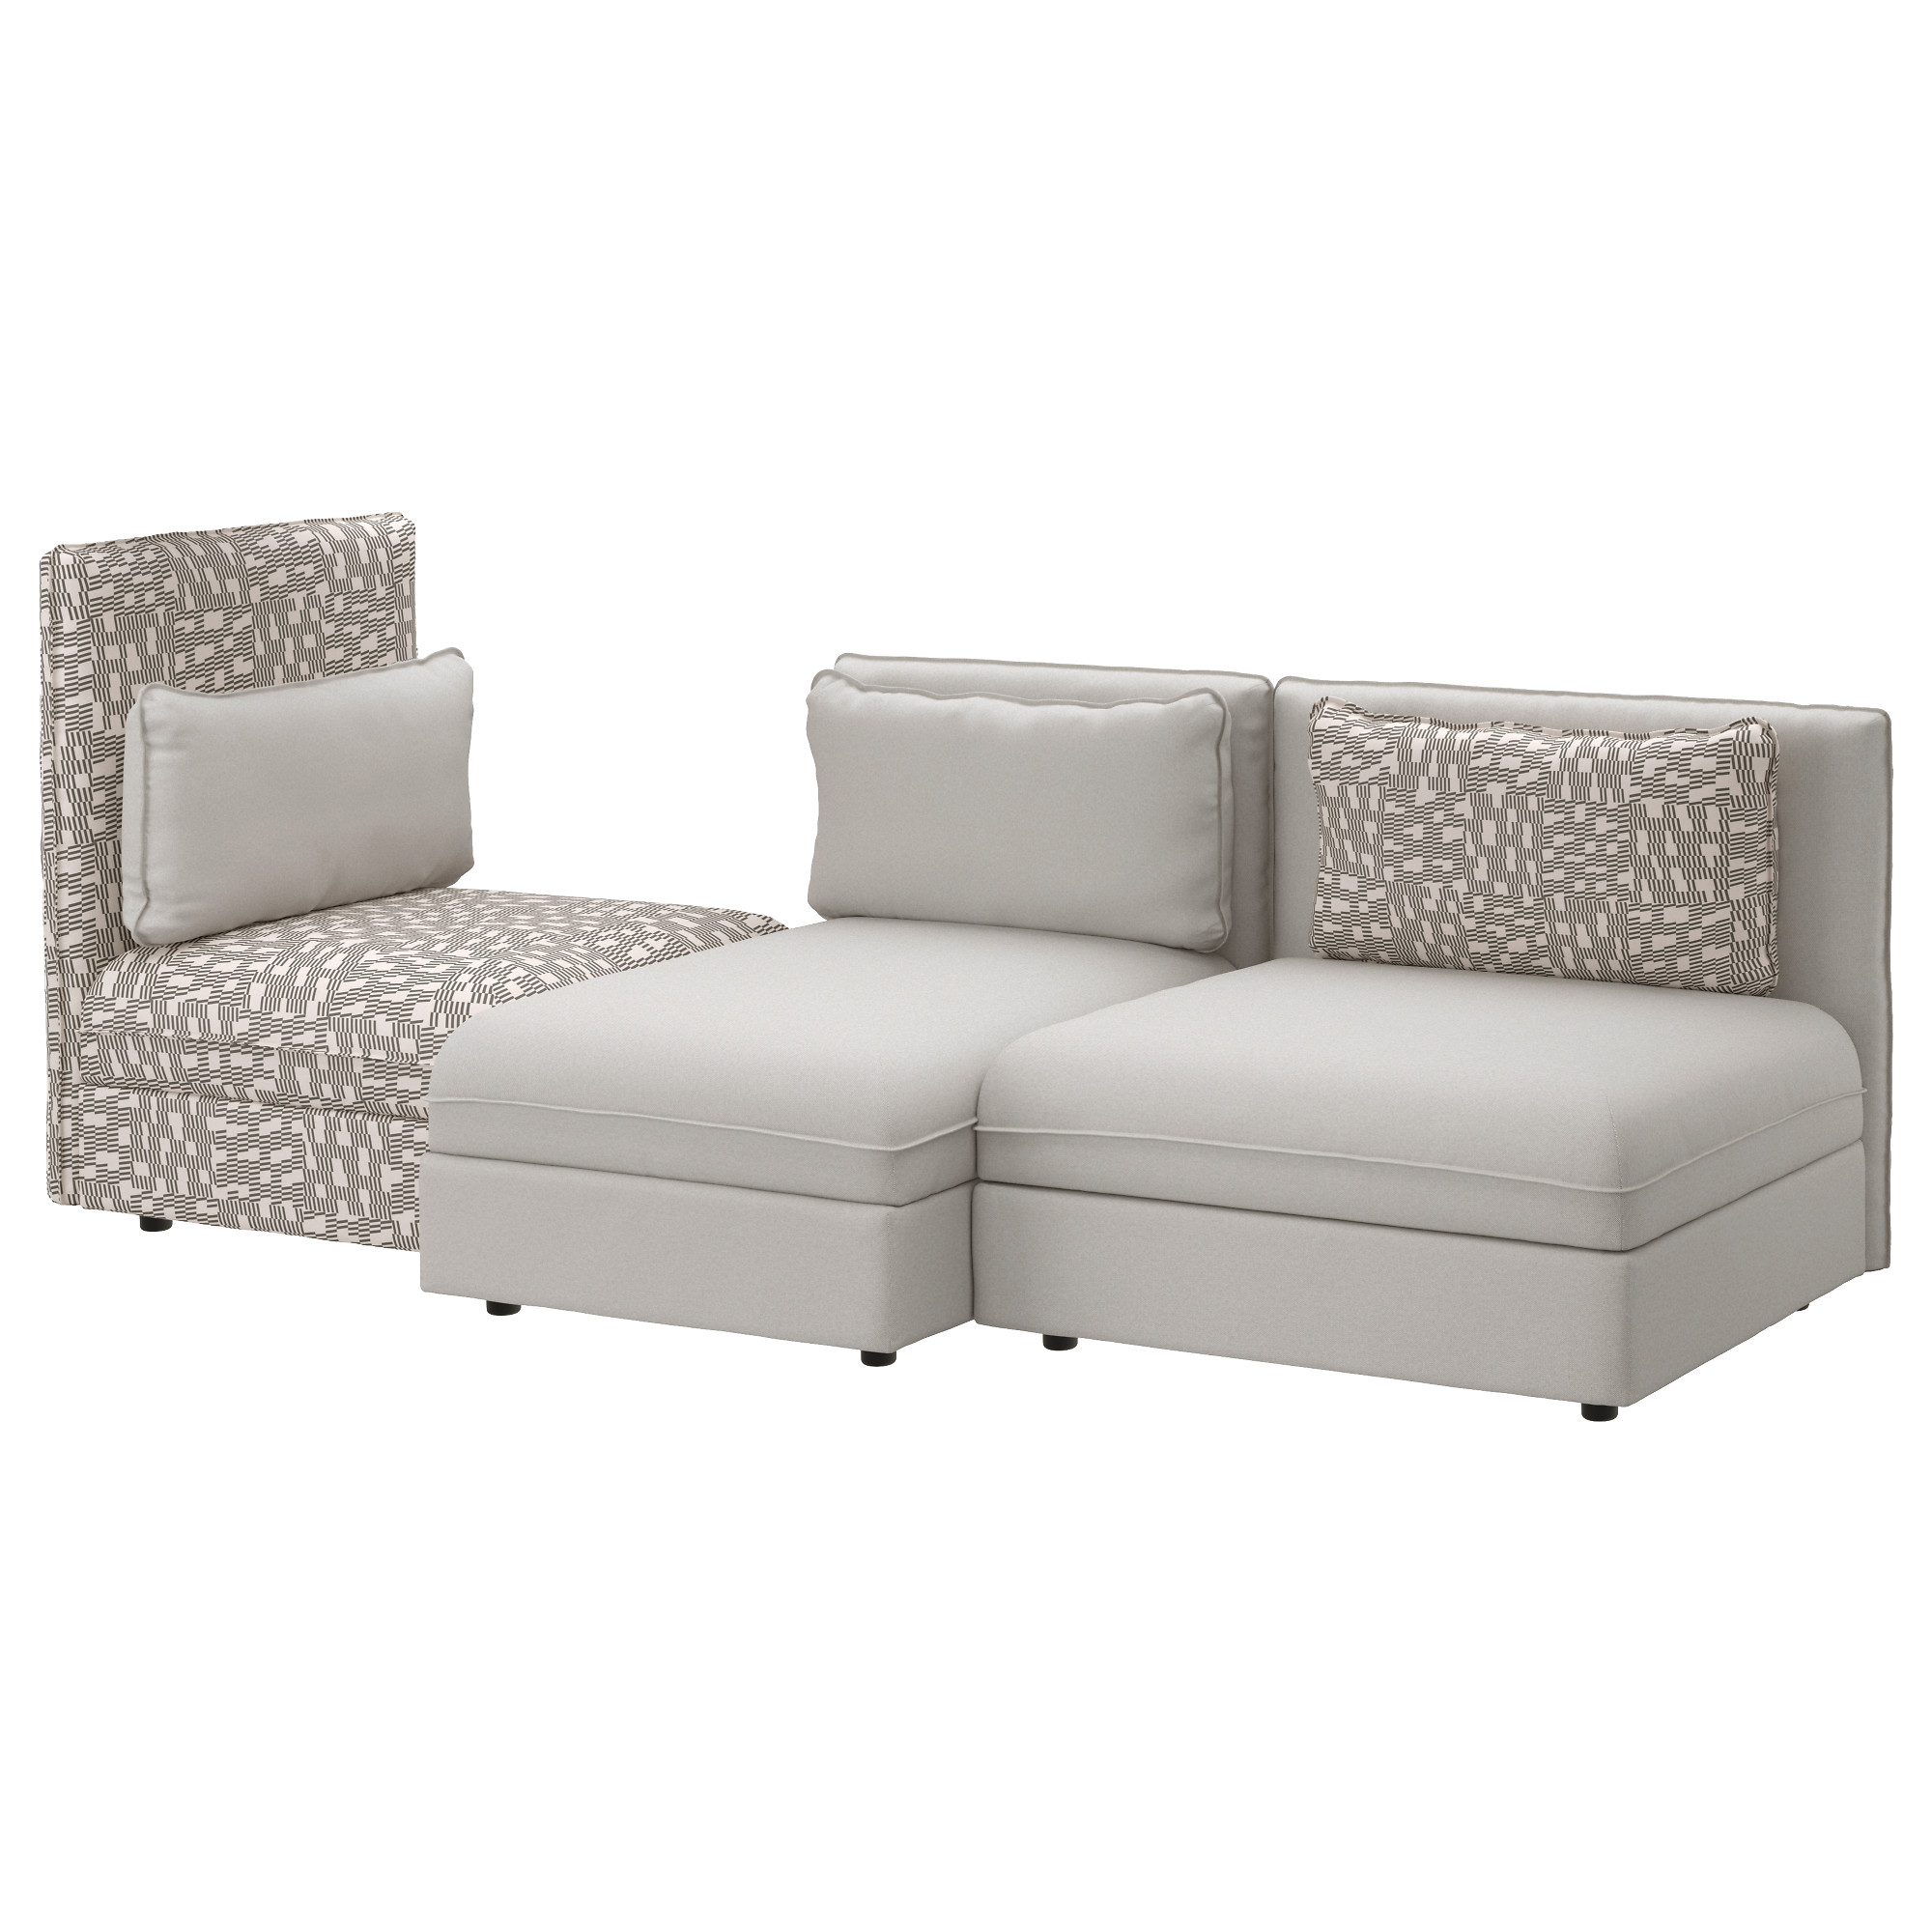 Full Size of Ikea Ecksofa Mit Schlaffunktion Und Bettkasten Sofa Grau Gebraucht L Couch Bettfunktion Kleines Ektorp 2er 3er 3 Sitzer Vallentuna Rezension Ein Reinfall Regal Sofa Ikea Sofa Mit Schlaffunktion